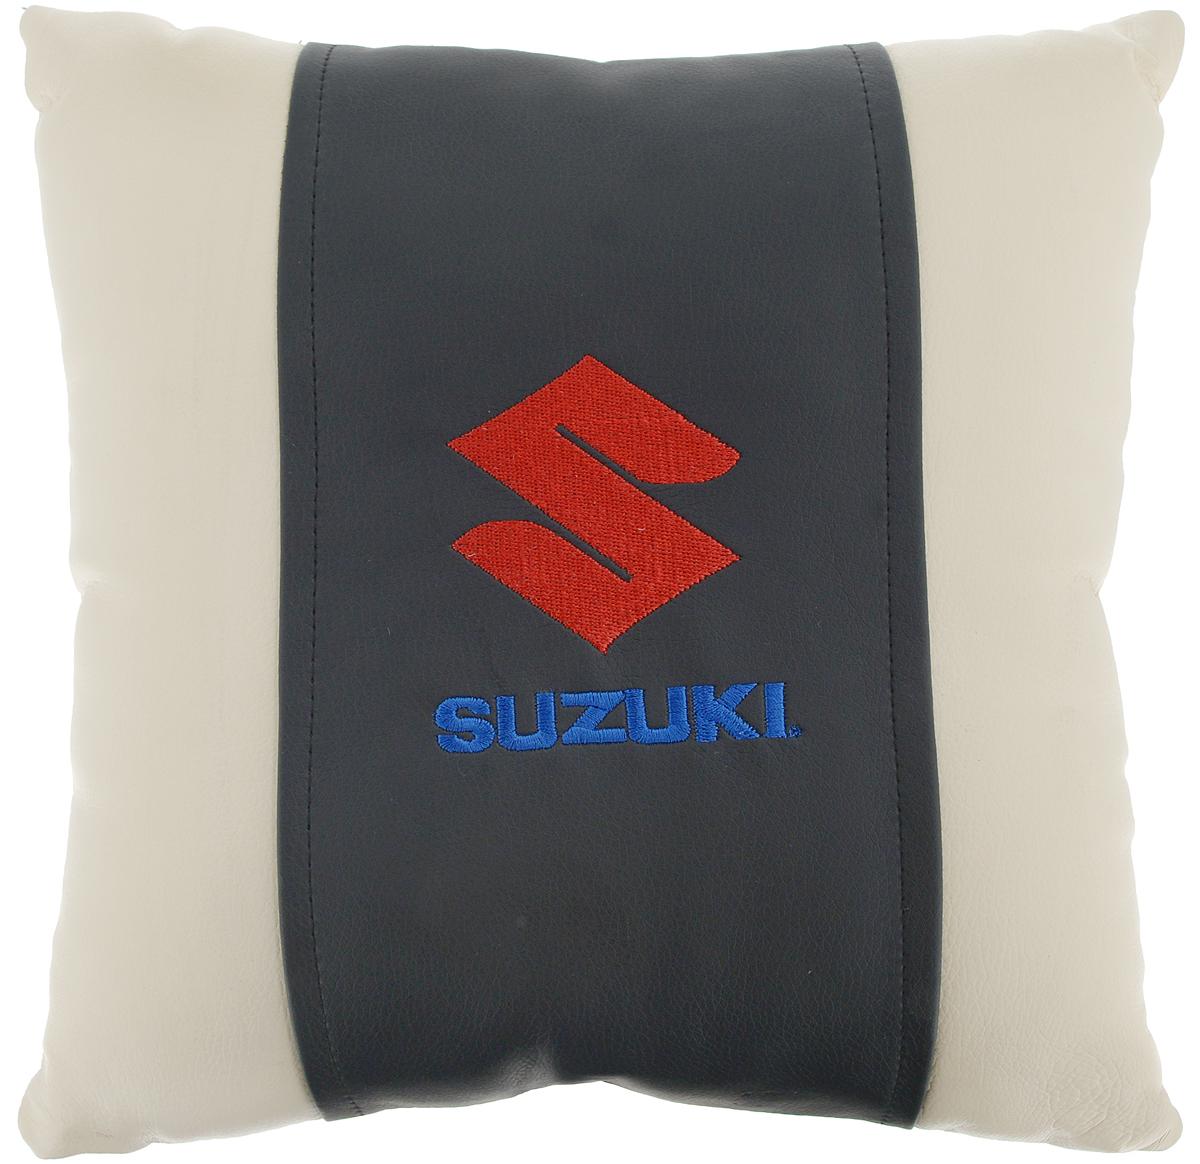 Подушка на сиденье Autoparts Suzuki, 30 х 30 смМ059Подушка на сиденье Autoparts Suzuki создана для тех, кто весь свой день вынужден проводить за рулем. Чехол выполнен из высококачественной дышащей экокожи. Наполнителем служит холлофайбер. На задней части подушки имеется змейка.Особенности подушки:- Хорошо проветривается.- Предупреждает потение.- Поддерживает комфортную температуру.- Обминается по форме тела.- Улучшает кровообращение.- Исключает затечные явления.- Предупреждает развитие заболеваний, связанных с сидячим образом жизни. Подушка также будет полезна и дома - при работе за компьютером, школьникам - при выполнении домашних работ, да и в любимом кресле перед телевизором.